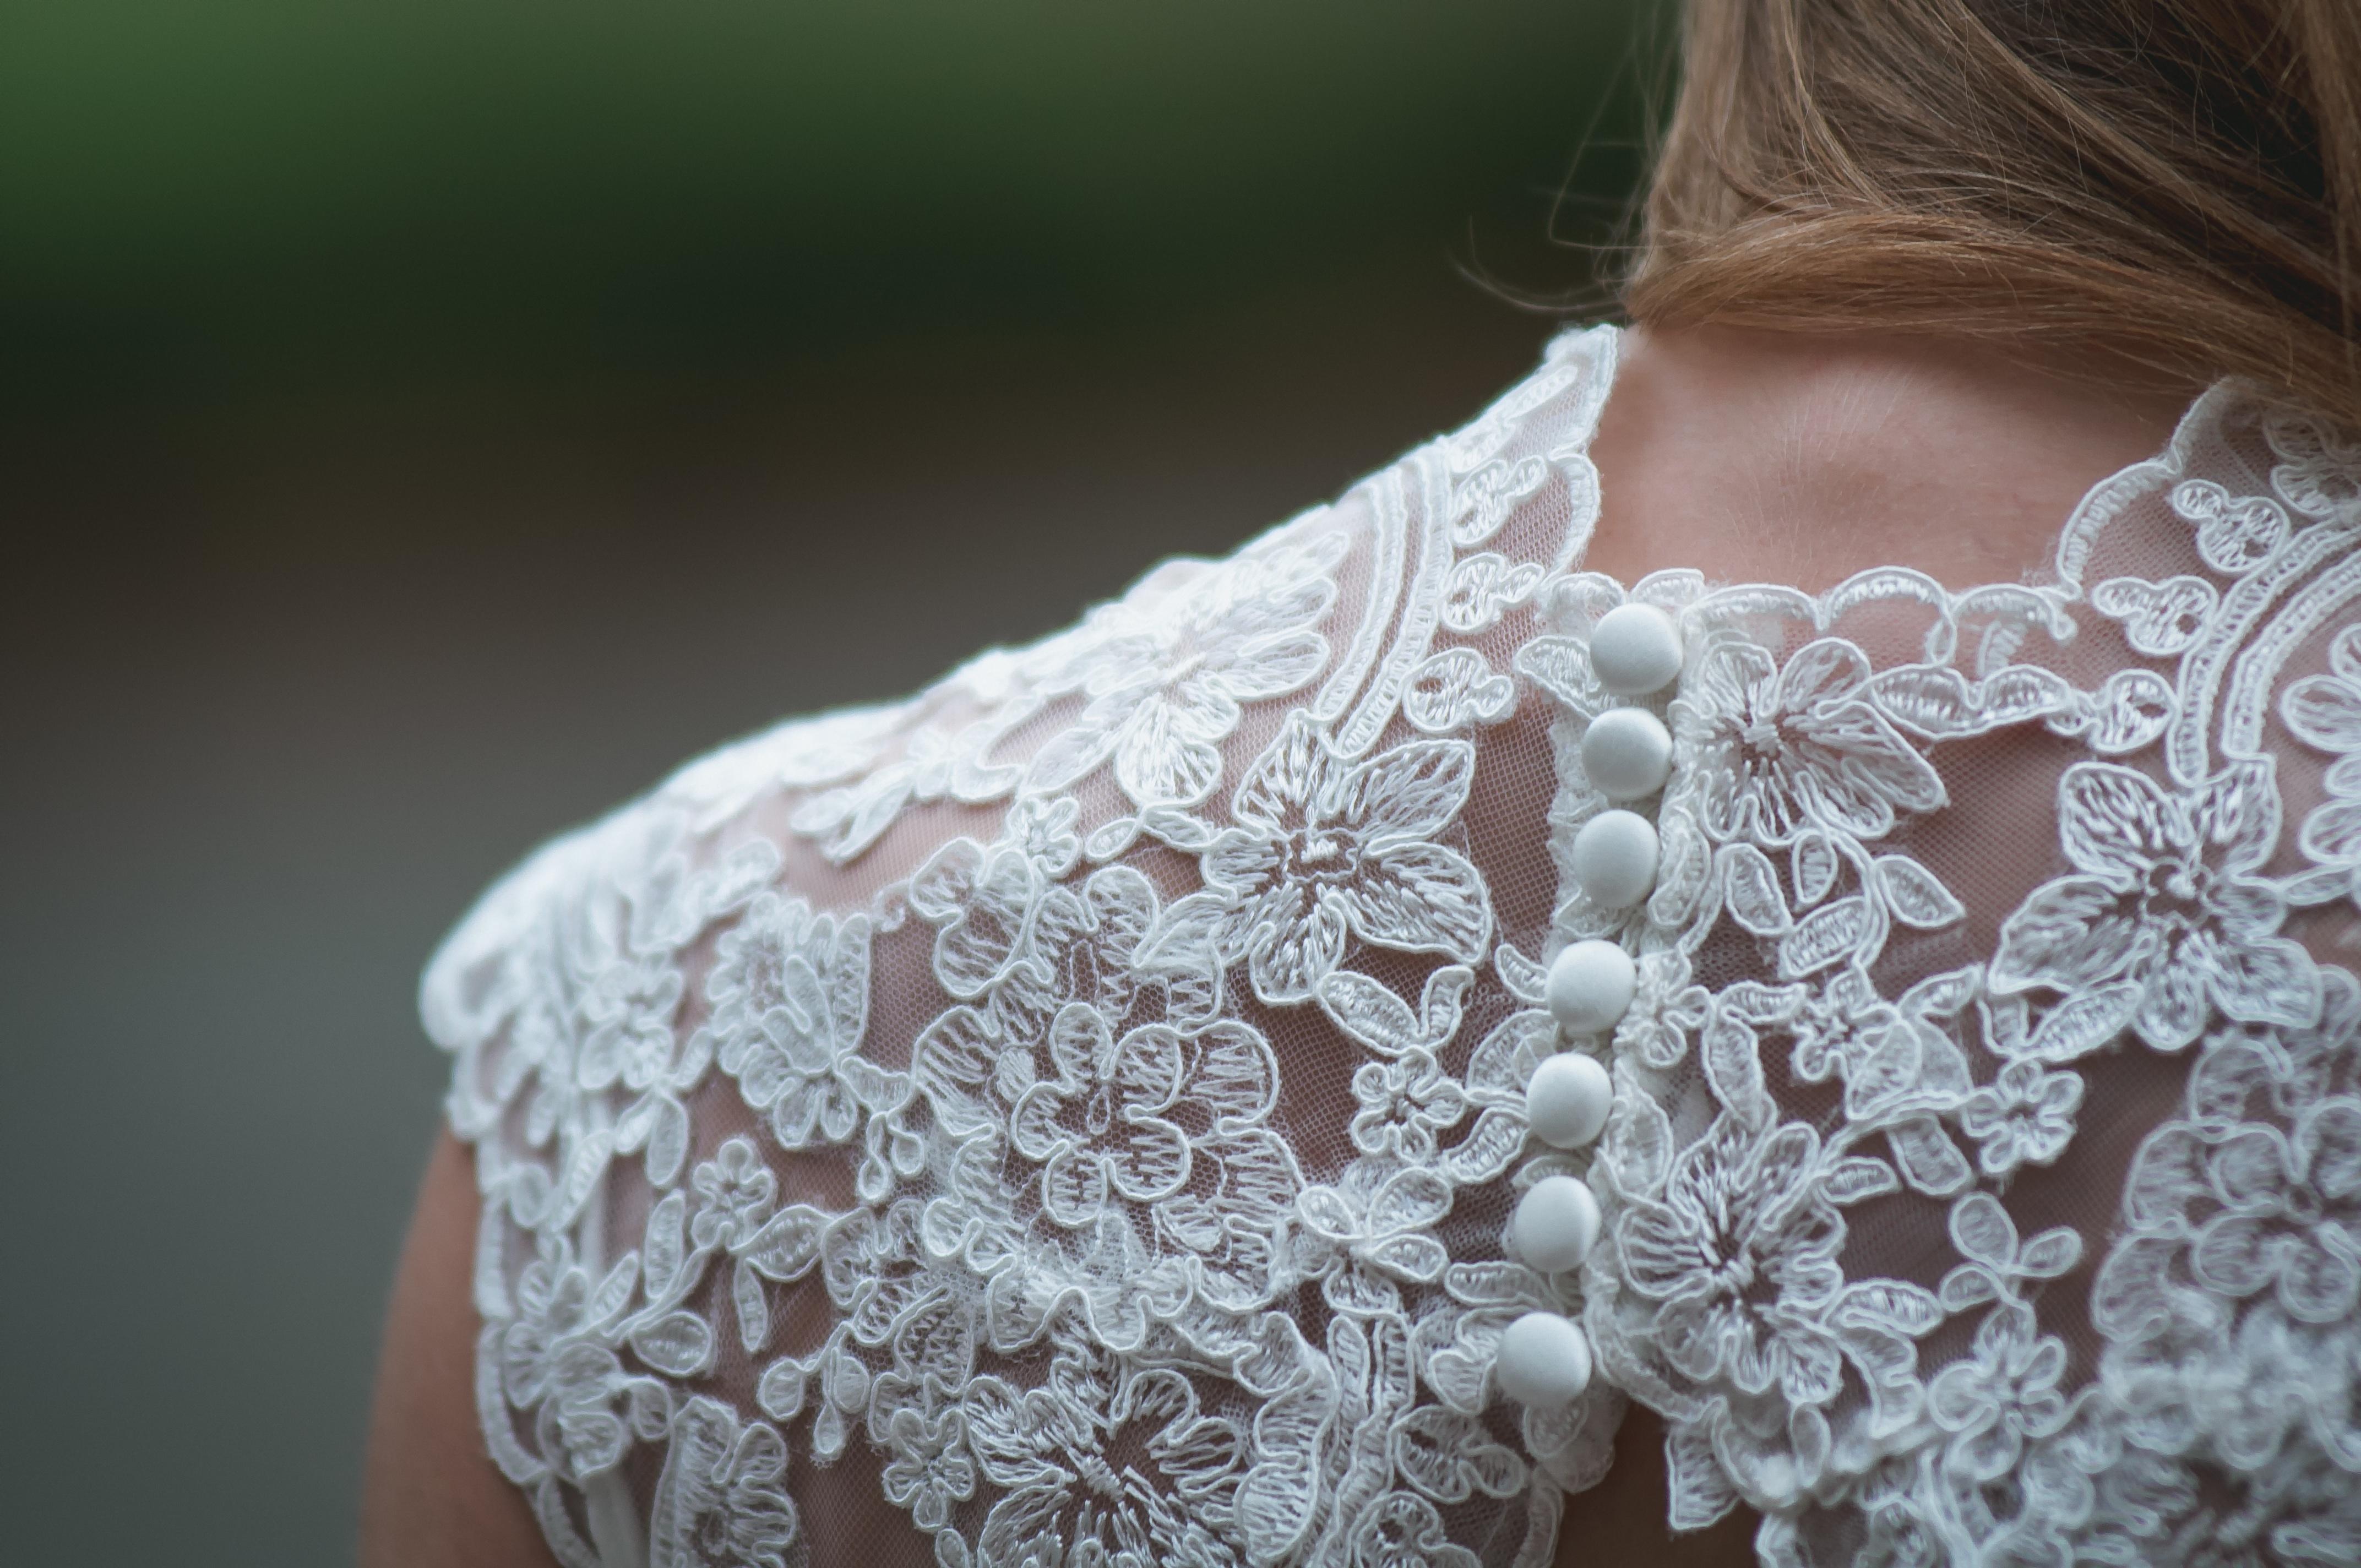 Kostenlose foto : Person, Mädchen, Frau, Spitze, Hochzeitskleid ...